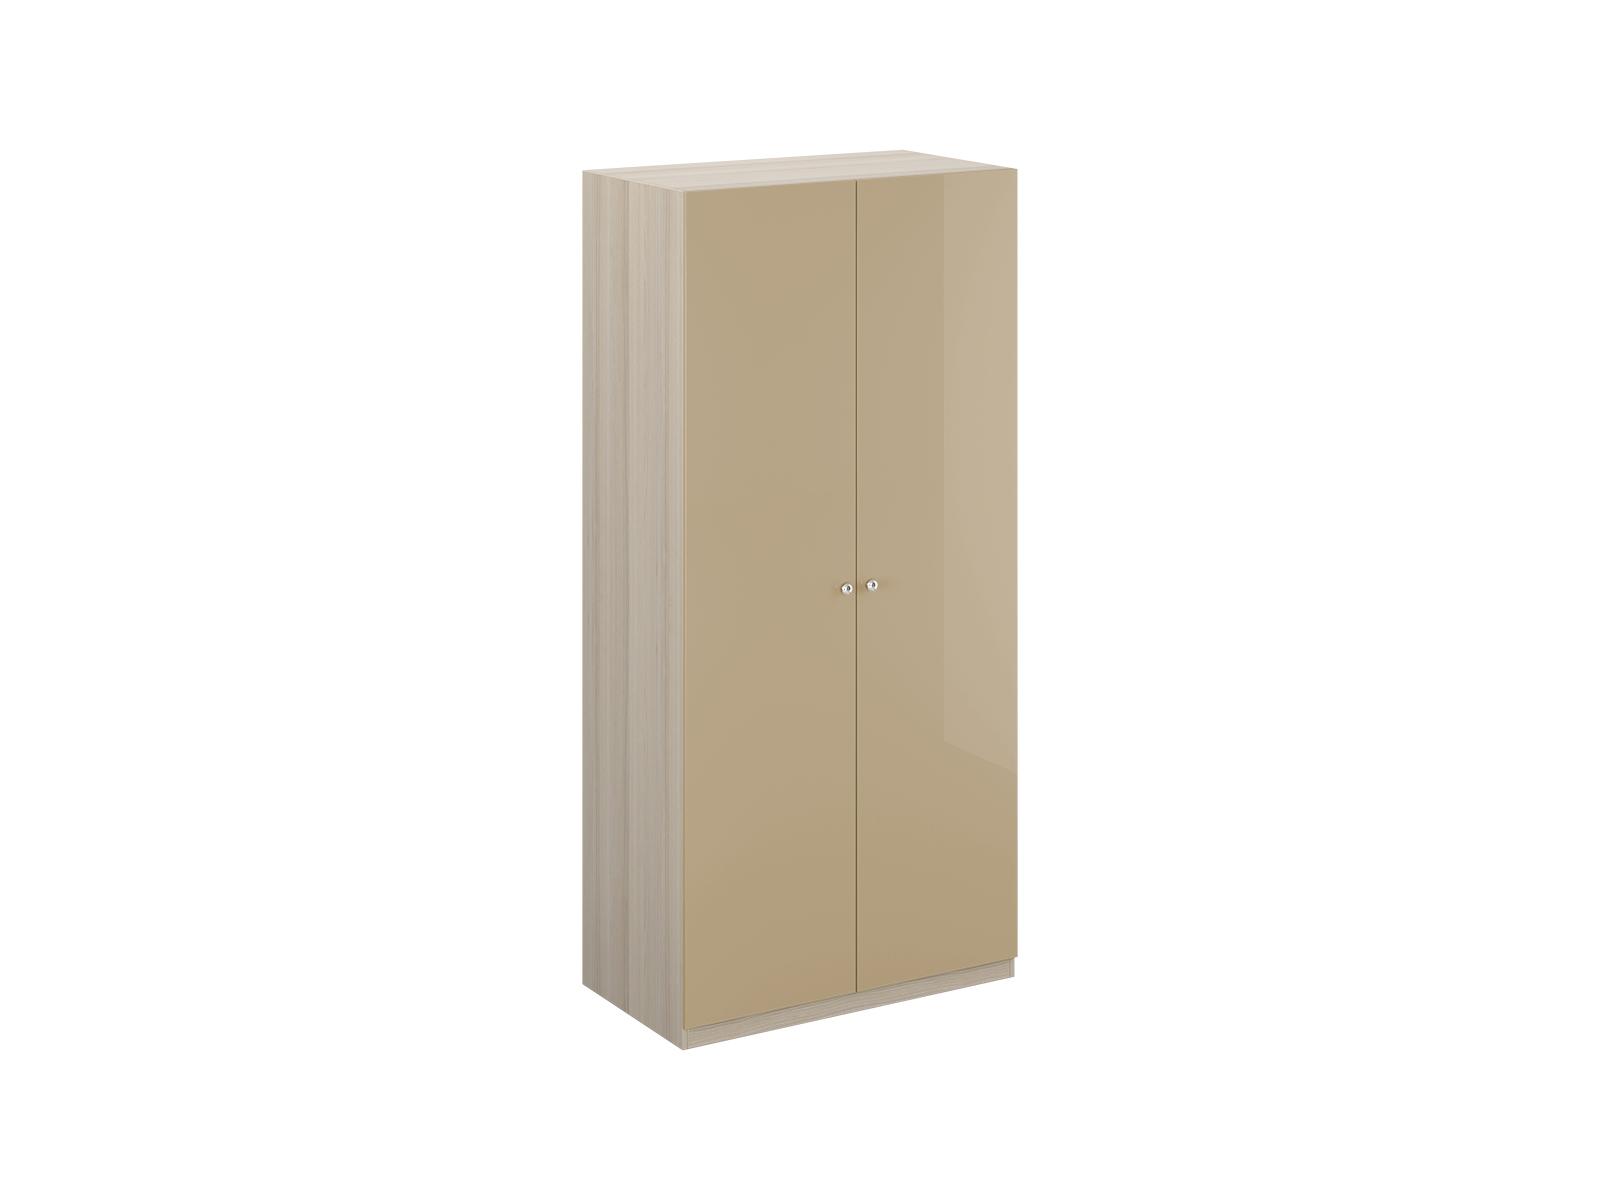 Шкаф UnoПлатяные шкафы<br>&amp;lt;div&amp;gt;Шкаф двухдверный внутри расположены штанга для одежды, 2 полки, 3 выдвижных ящика. На одной дверце шкафа с внутренней стороны расположено зеркало. Установлен на регулируемые опоры. Данную мебель рекомендуется крепить к стене.&amp;lt;/div&amp;gt;&amp;lt;div&amp;gt;&amp;lt;br&amp;gt;&amp;lt;/div&amp;gt;&amp;lt;div&amp;gt;Материалы:&amp;lt;/div&amp;gt;&amp;lt;div&amp;gt;Корпус: ЛДСП 16 мм цвет Ясень Коимбра&amp;lt;/div&amp;gt;&amp;lt;div&amp;gt;Фасад: ЛДСП 16 мм цвет Капучино&amp;lt;/div&amp;gt;&amp;lt;div&amp;gt;&amp;lt;br&amp;gt;&amp;lt;/div&amp;gt;<br><br>Material: ДСП<br>Ширина см: 109<br>Высота см: 232<br>Глубина см: 59